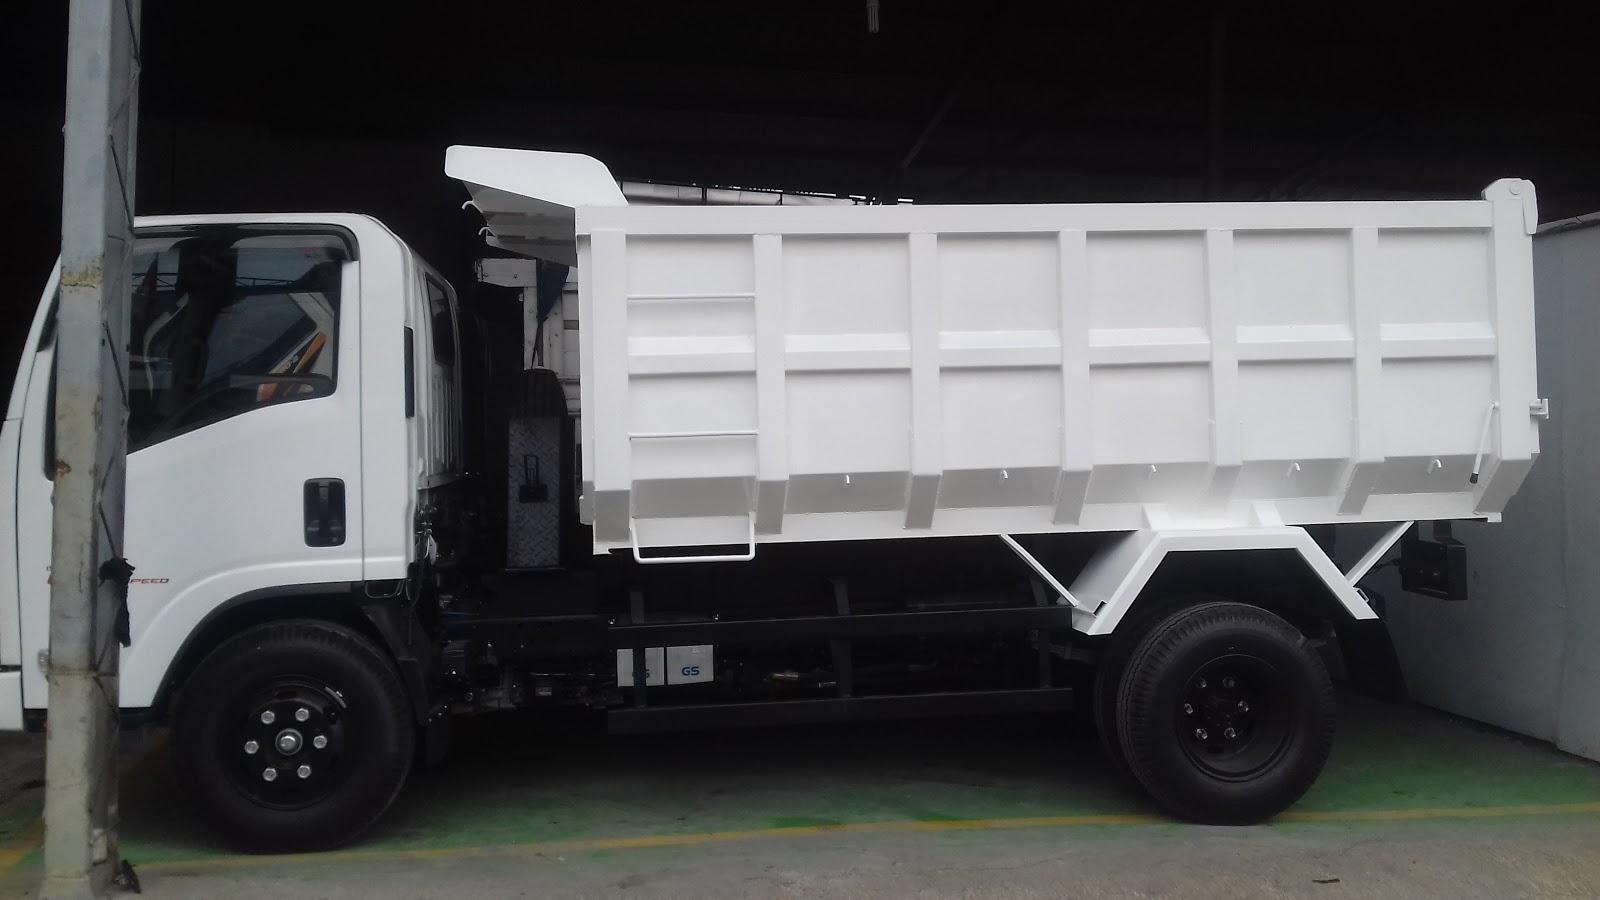 Harga Promo Isuzu Dump Truck